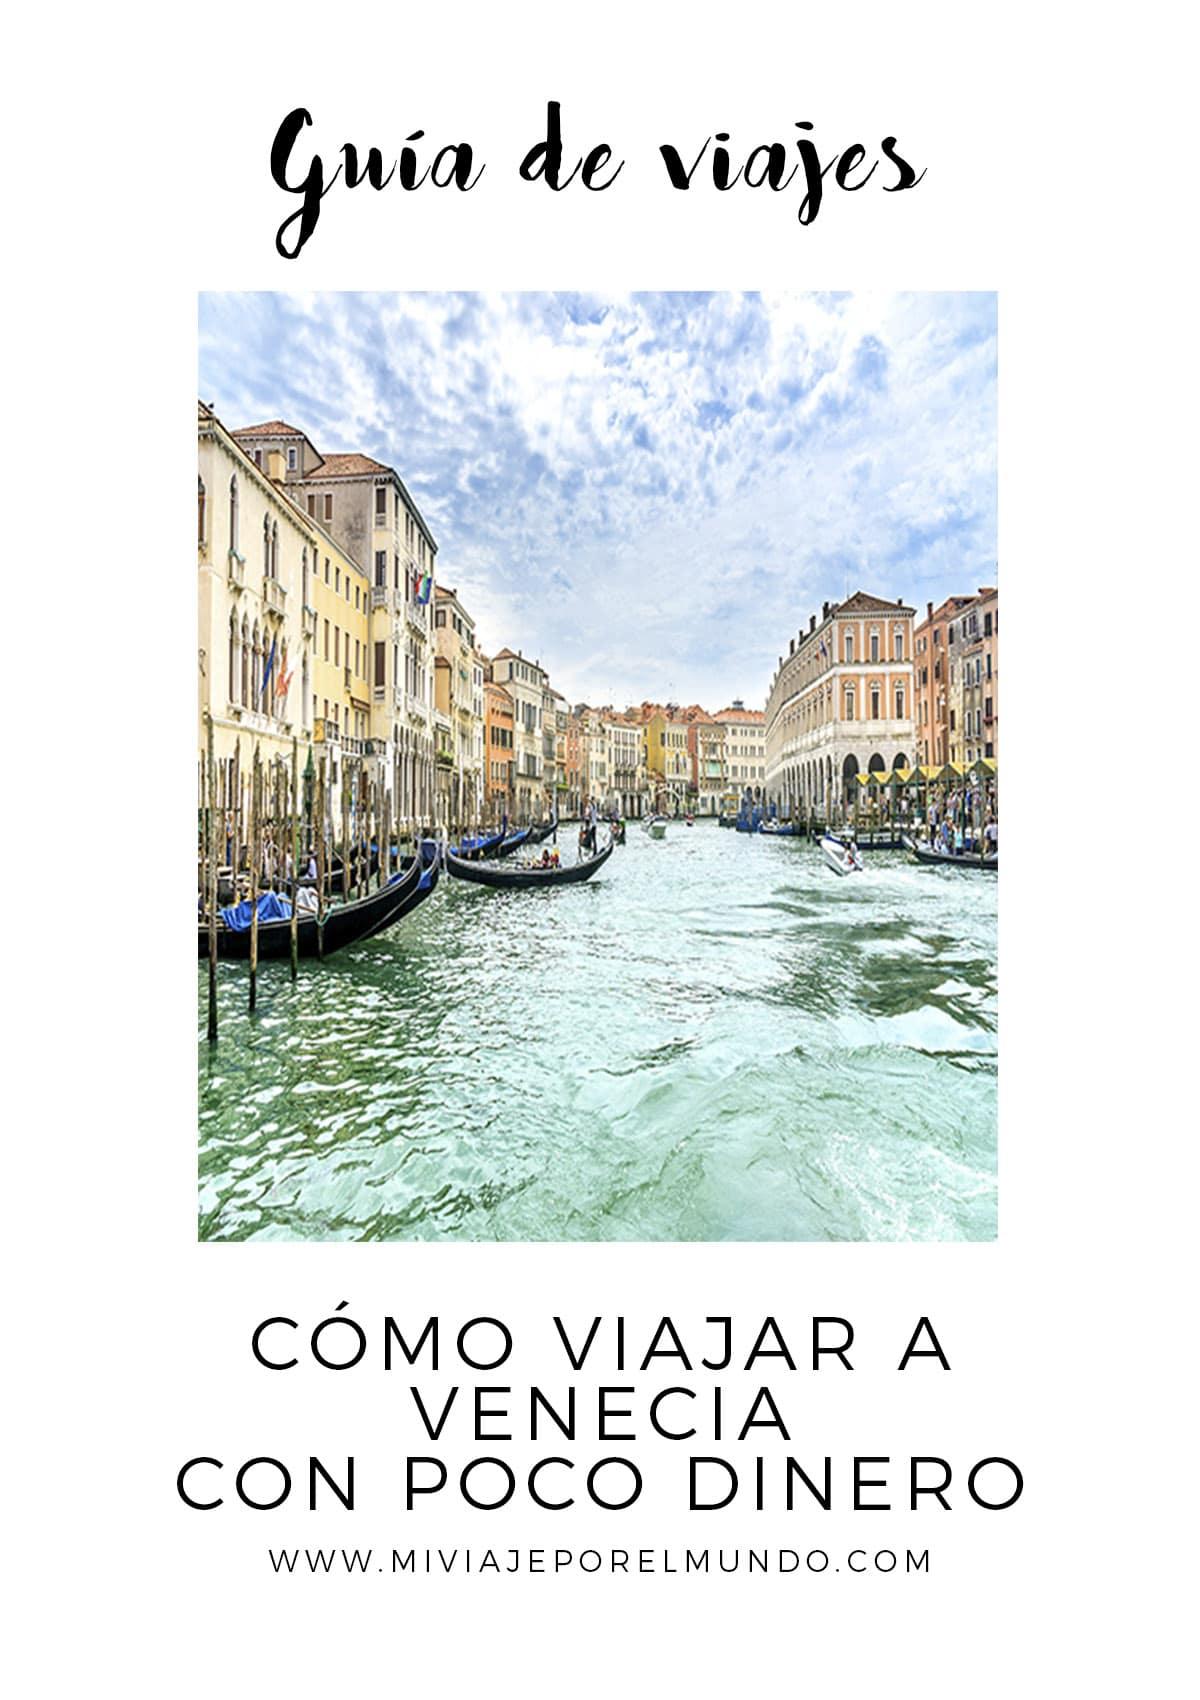 consejos-para-viajar-a-venecia-y-ahorrar